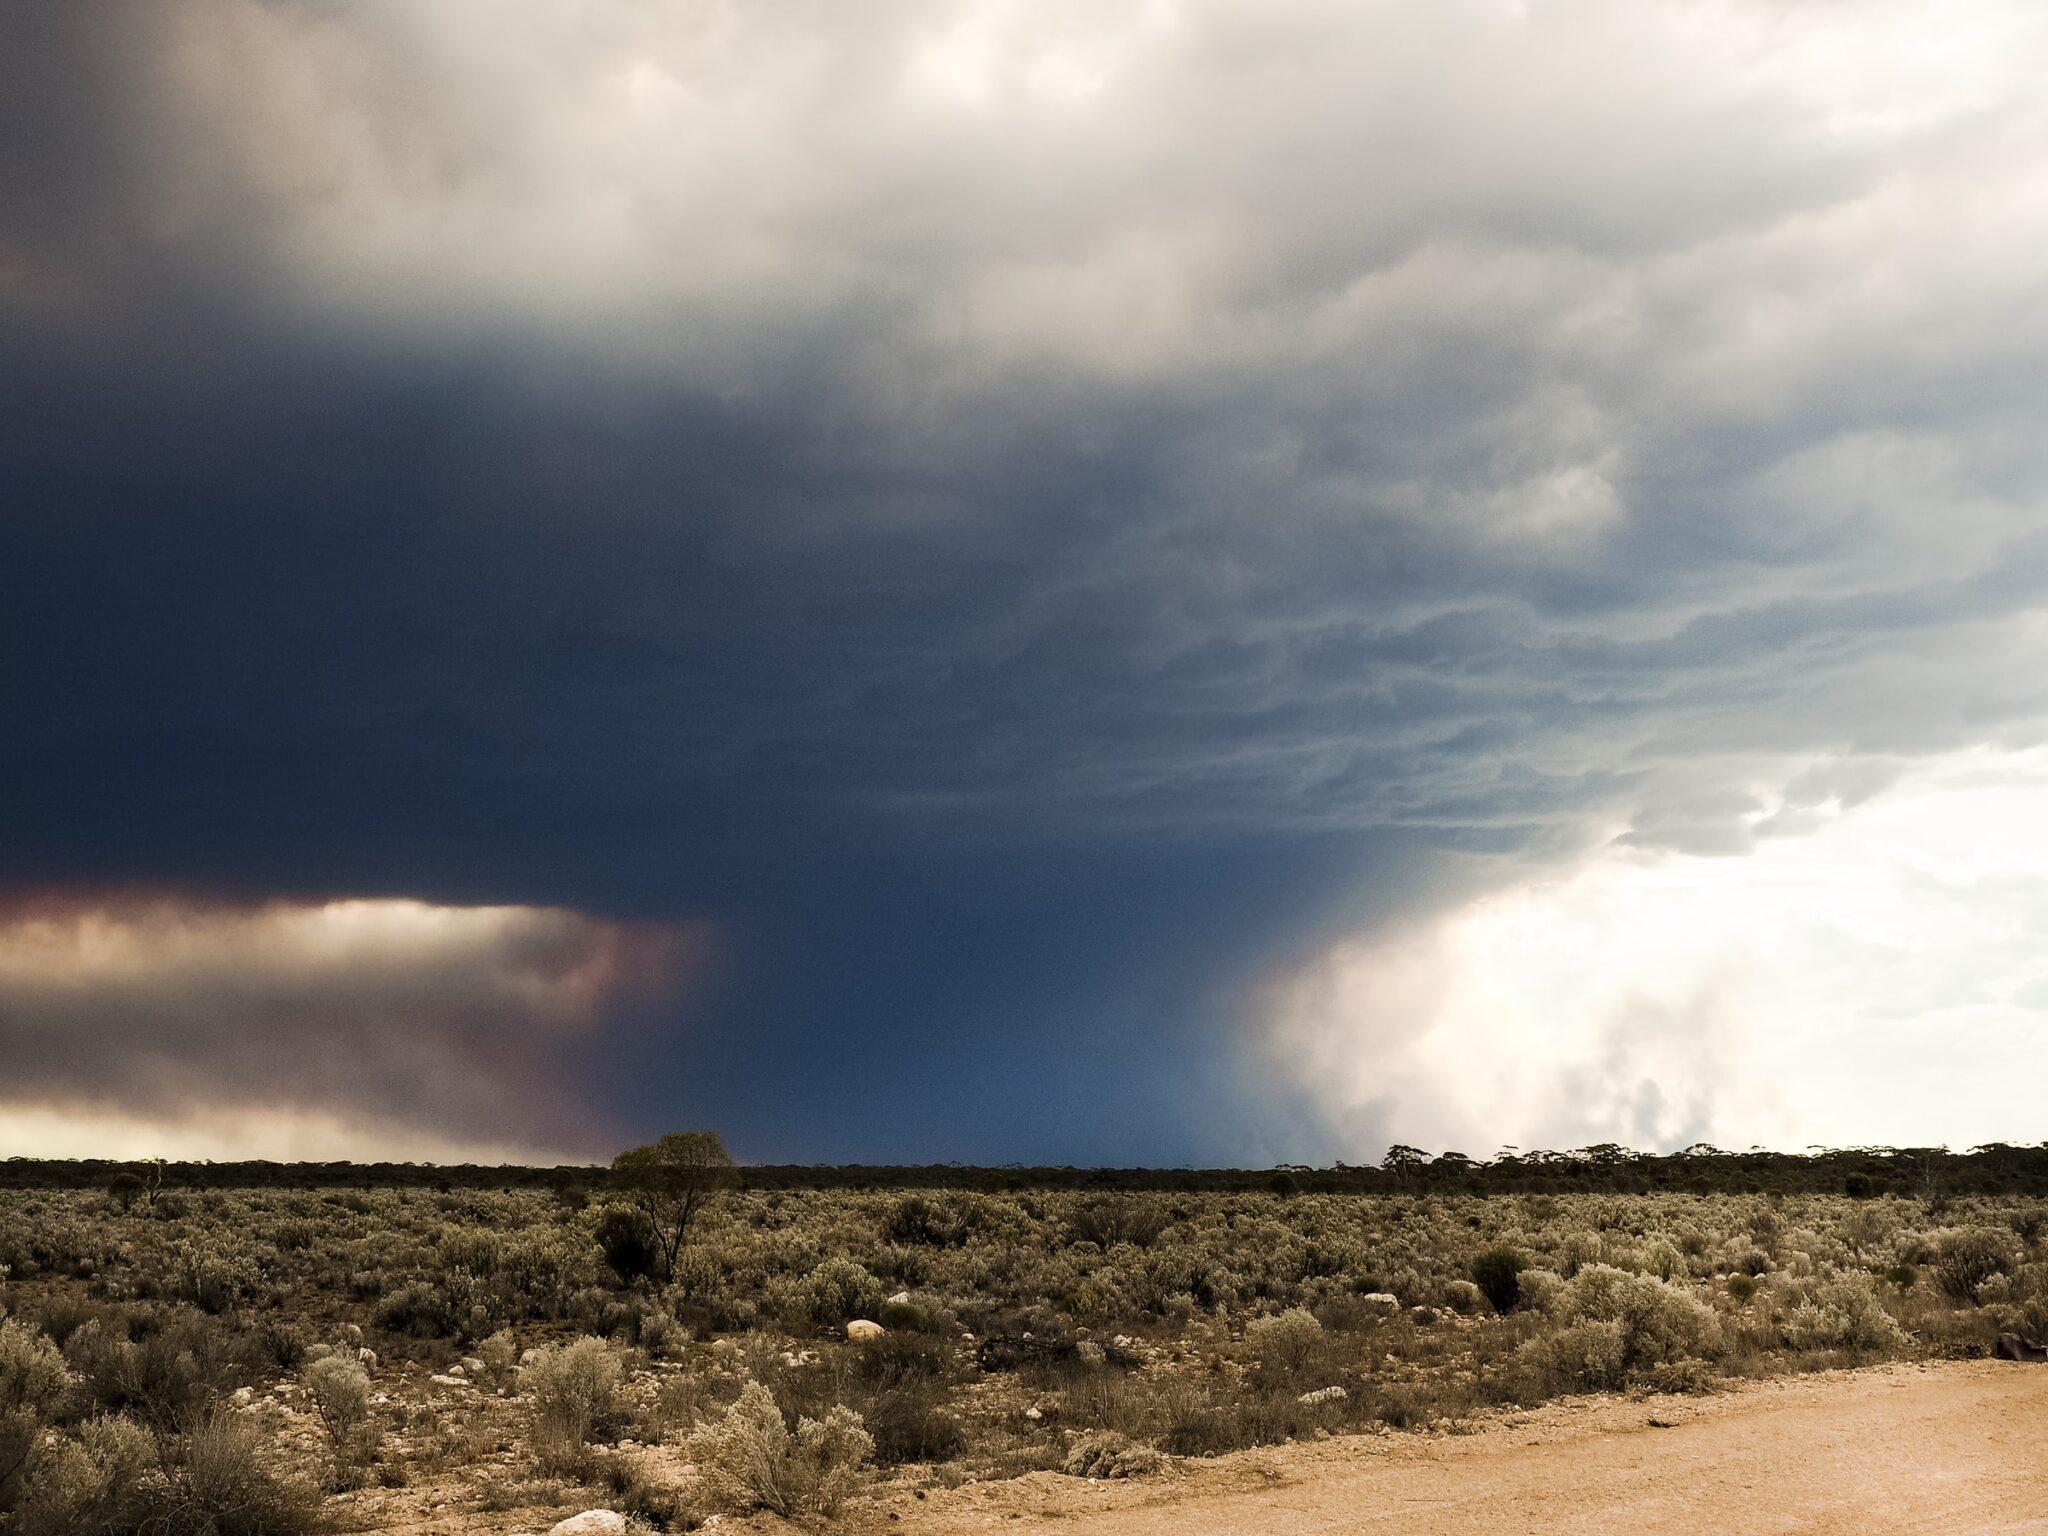 Rauchwolke über trockener australischer Steppe